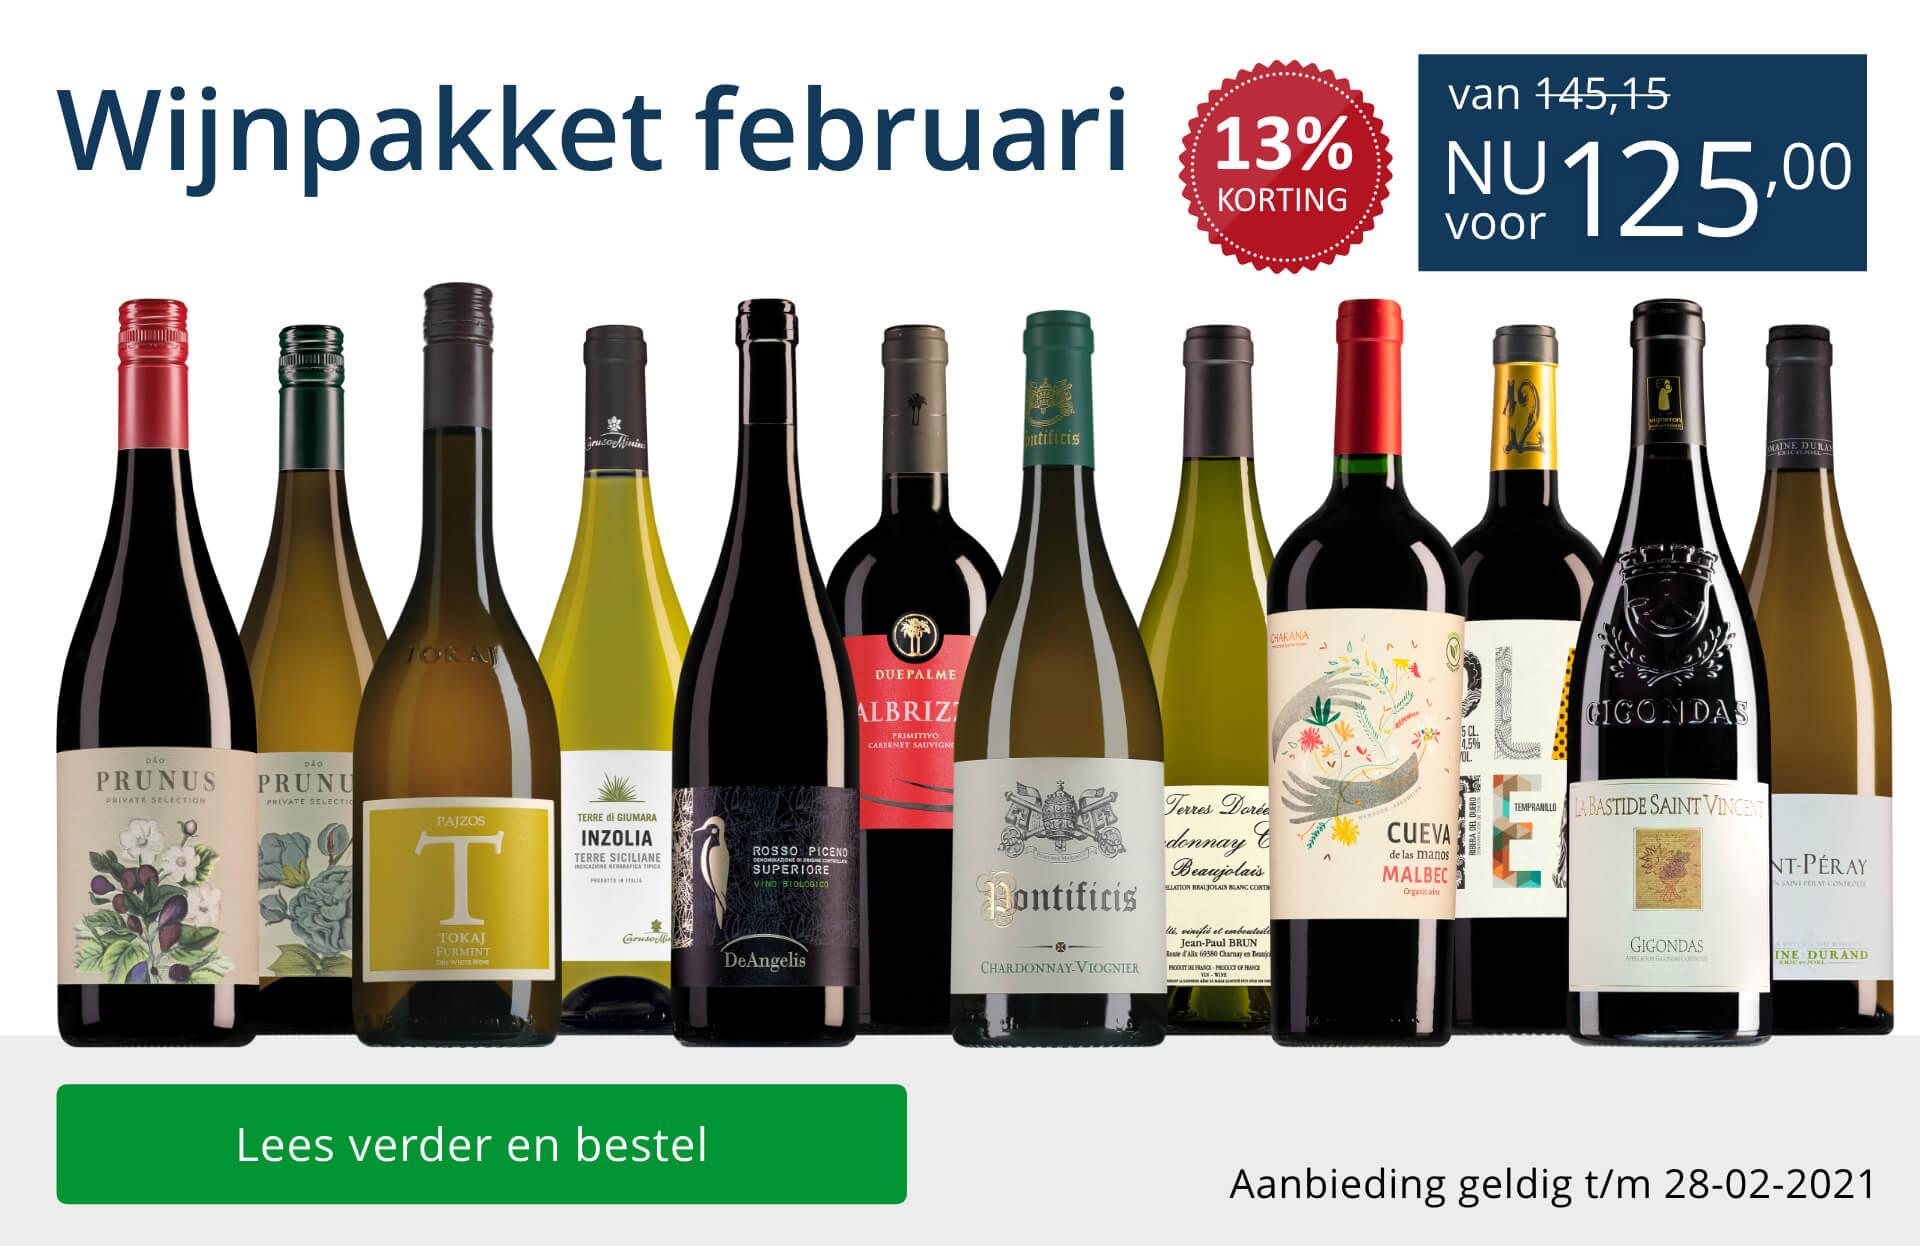 Wijnpakket wijnbericht februari 2021(125,00)-blauw